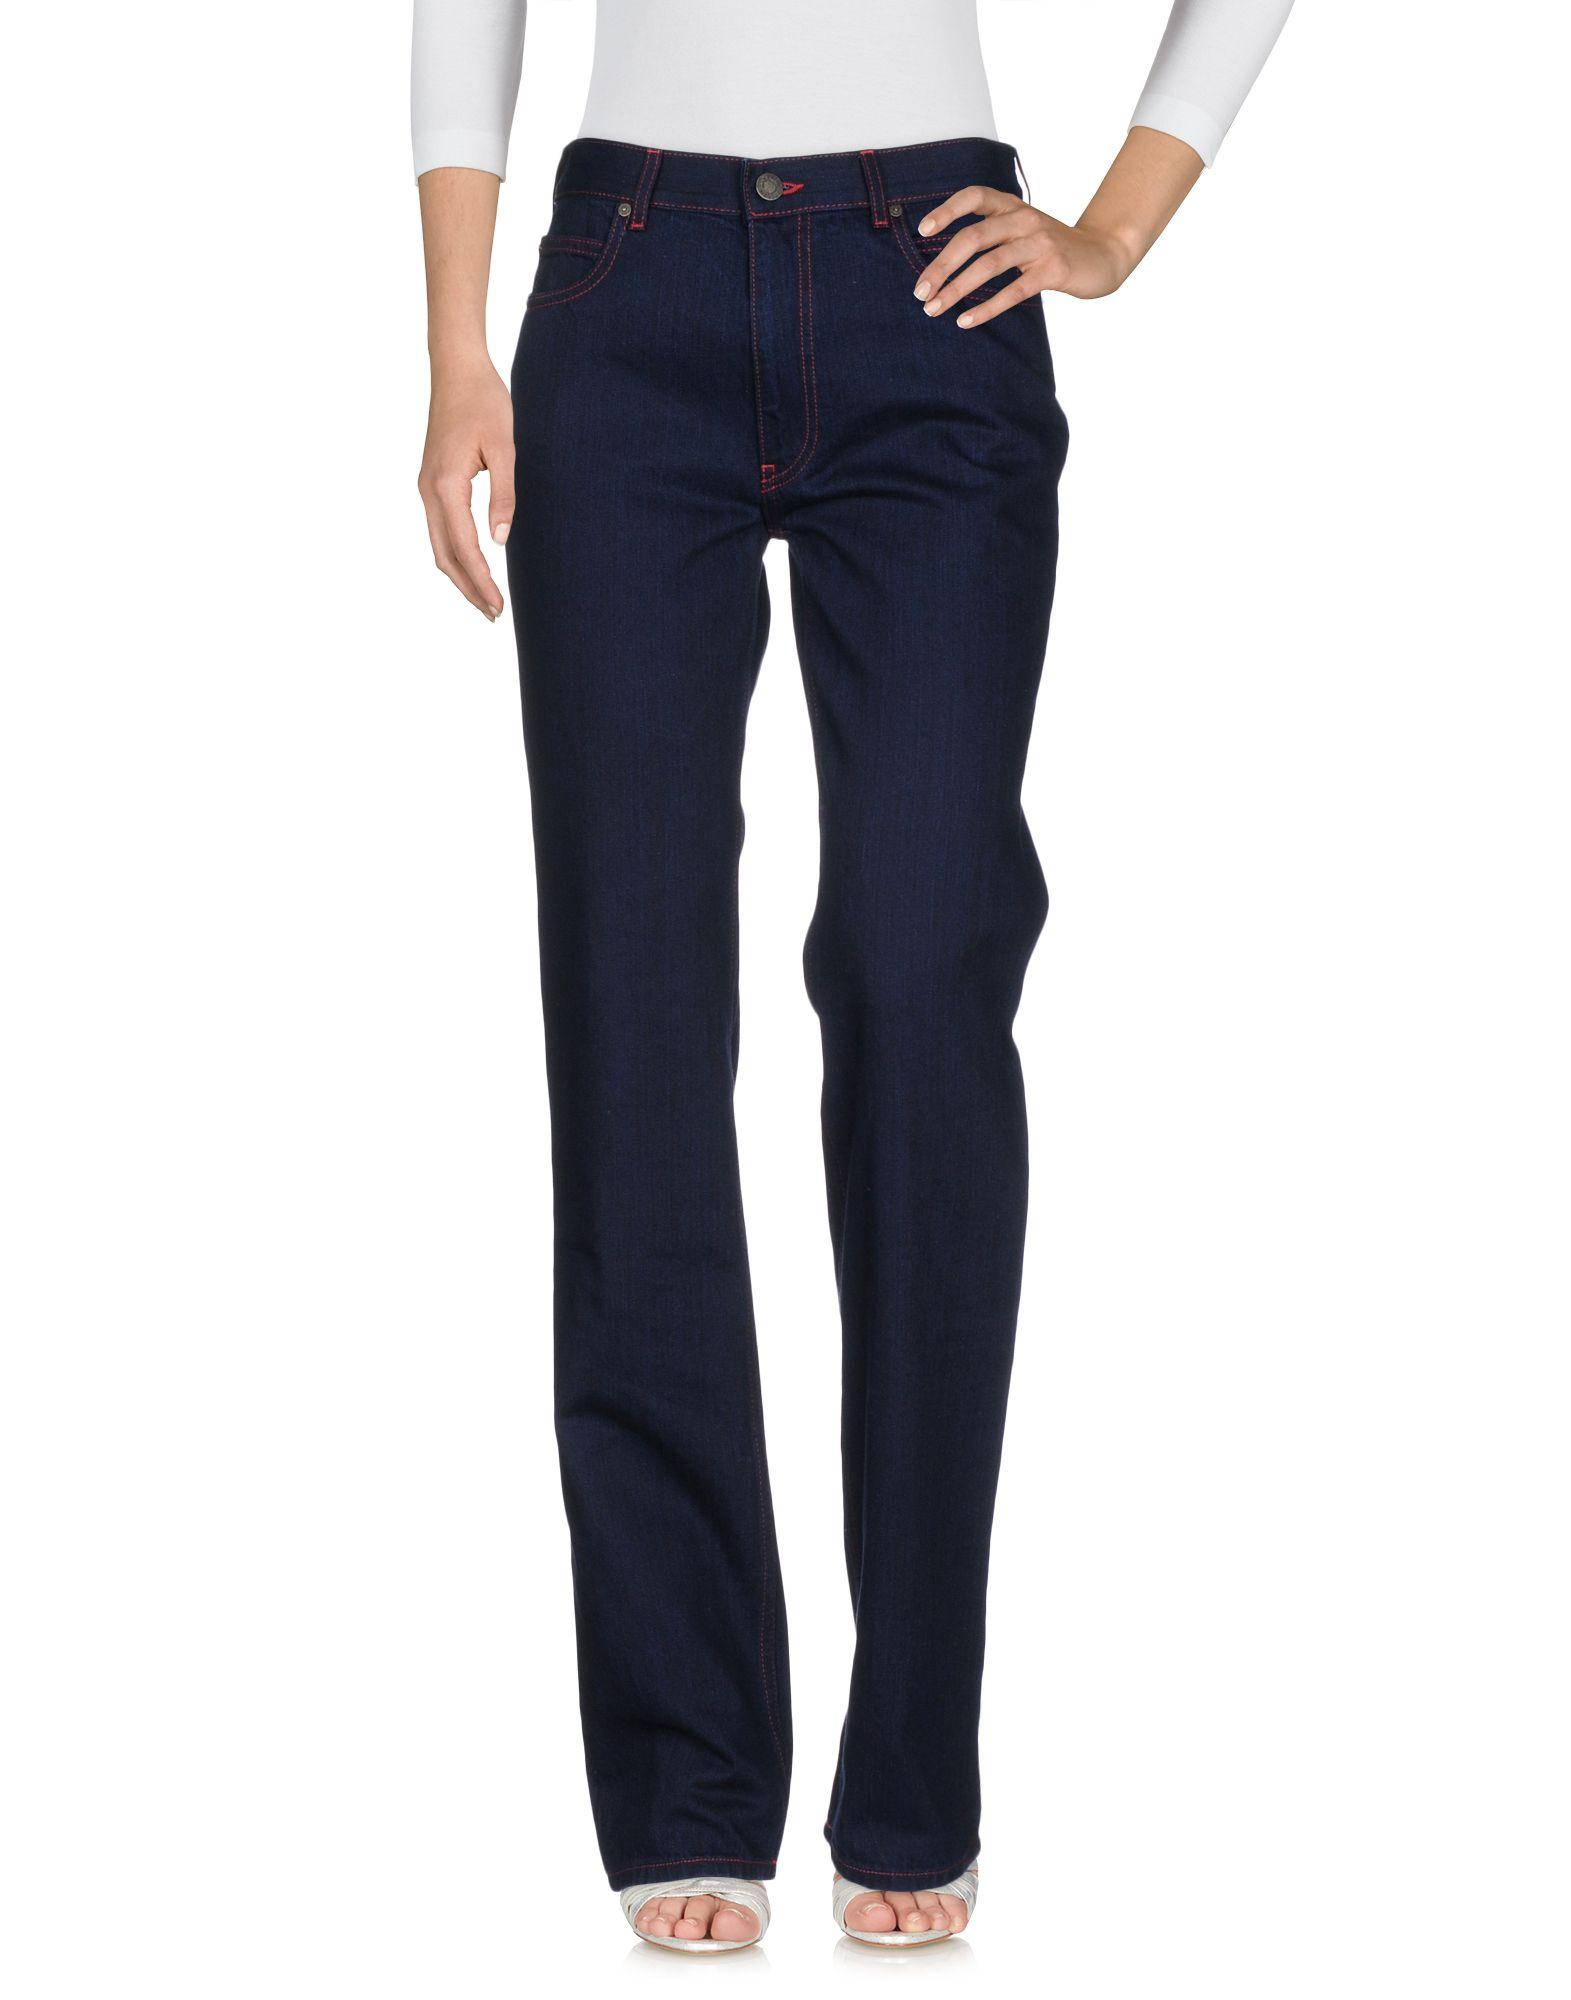 CALVIN KLEIN JEANS Джинсовые брюки бейсболка calvin klein jeans k40k4 00101 4260 page 10